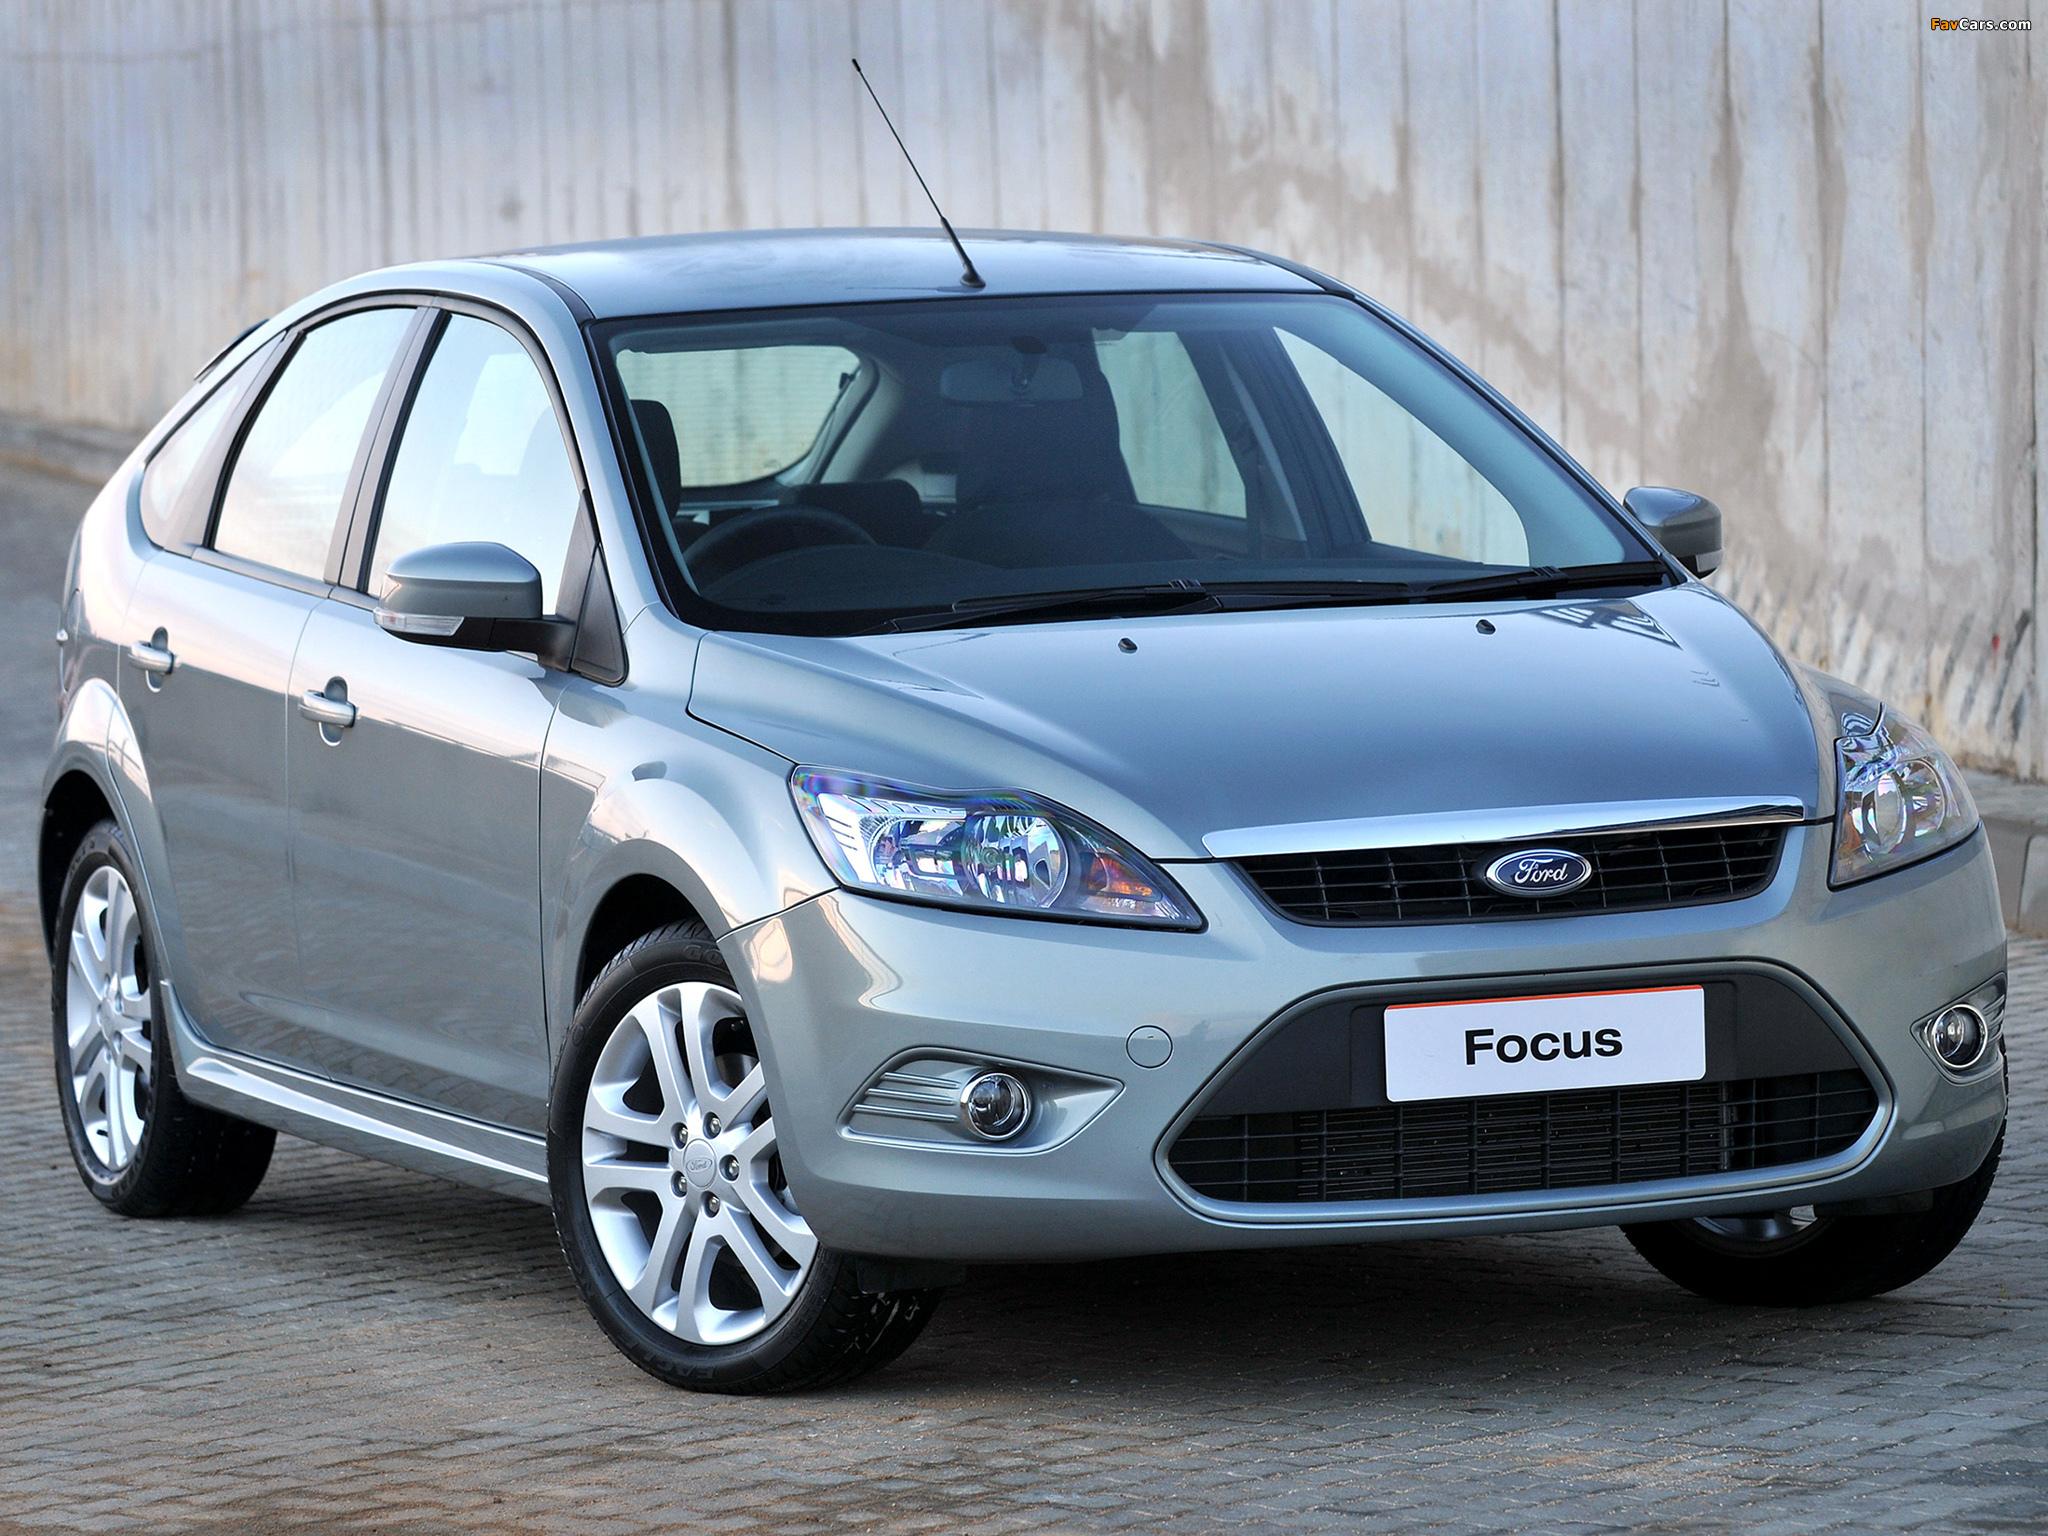 Форд фокус модели по годам фото